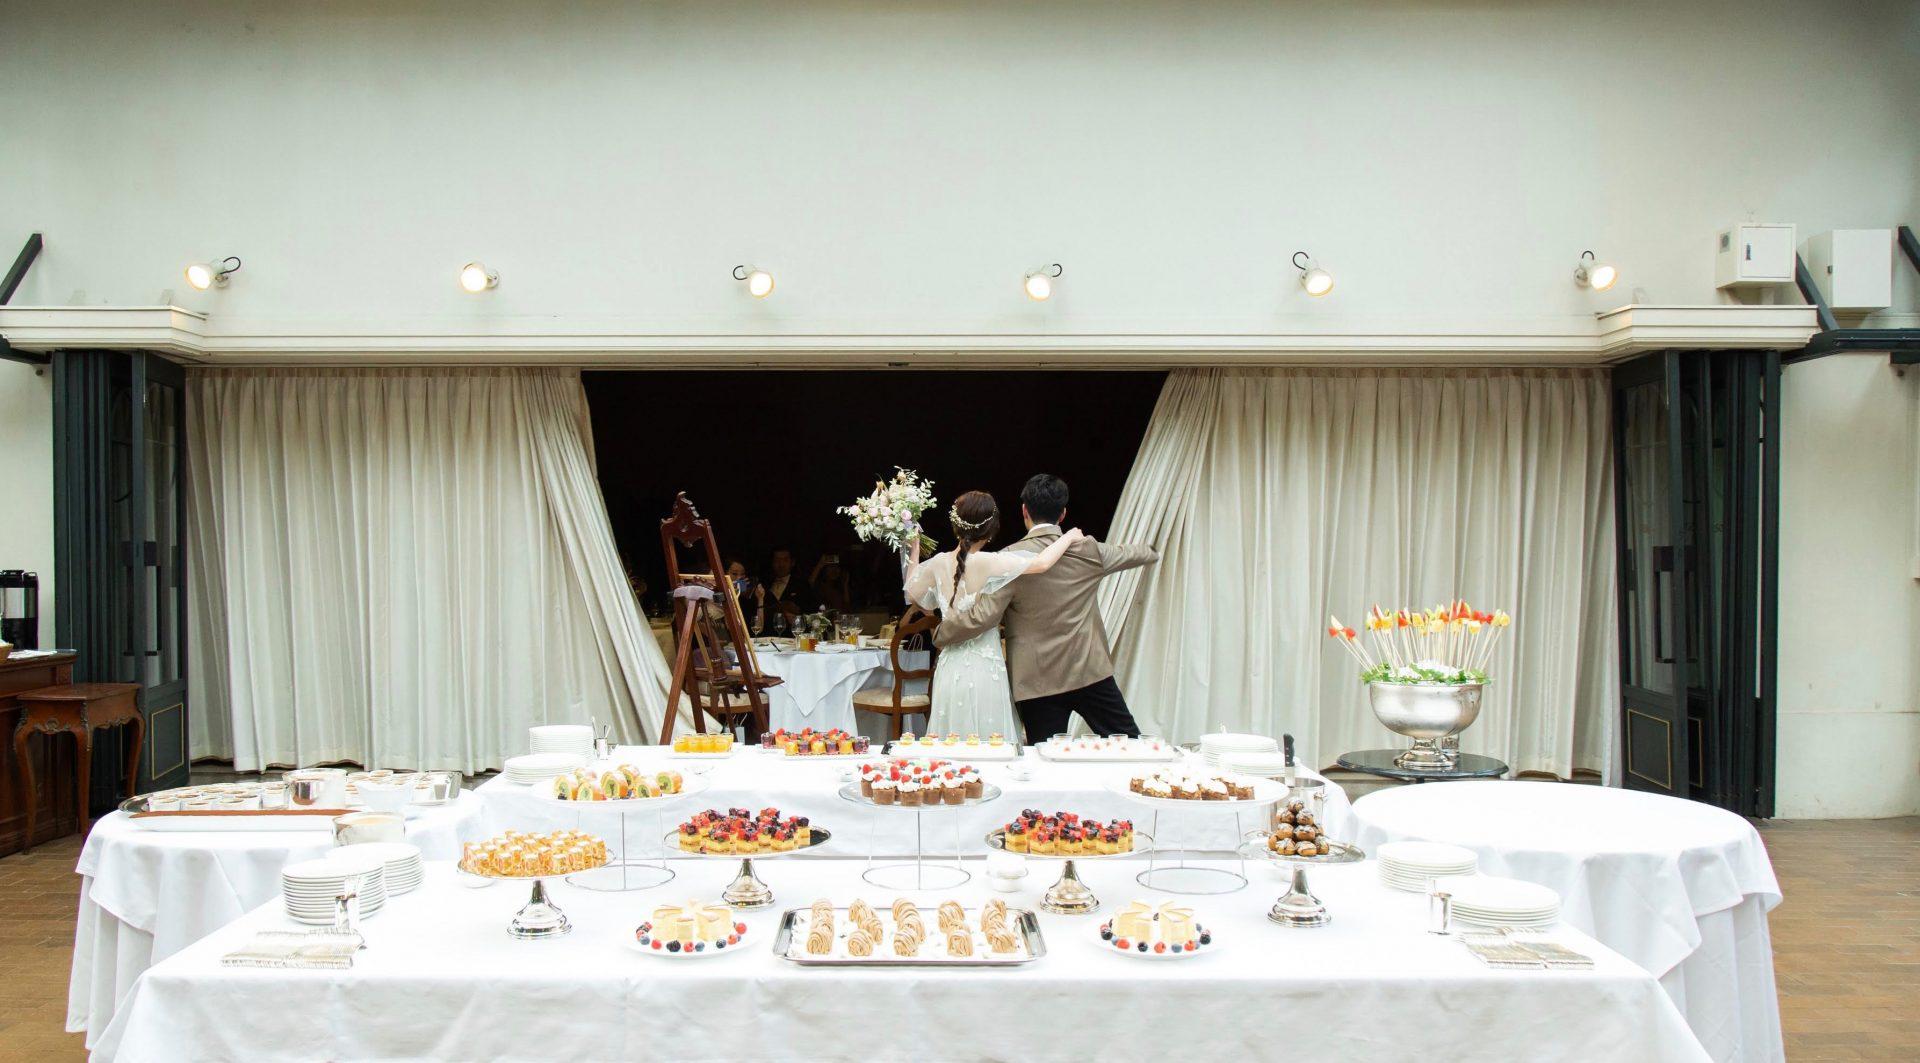 ひらまつウェディングならではのデザートビュッフェが楽しめる東京・代官山のレストランリストランテASOで行うアットホームな結婚式の様子。